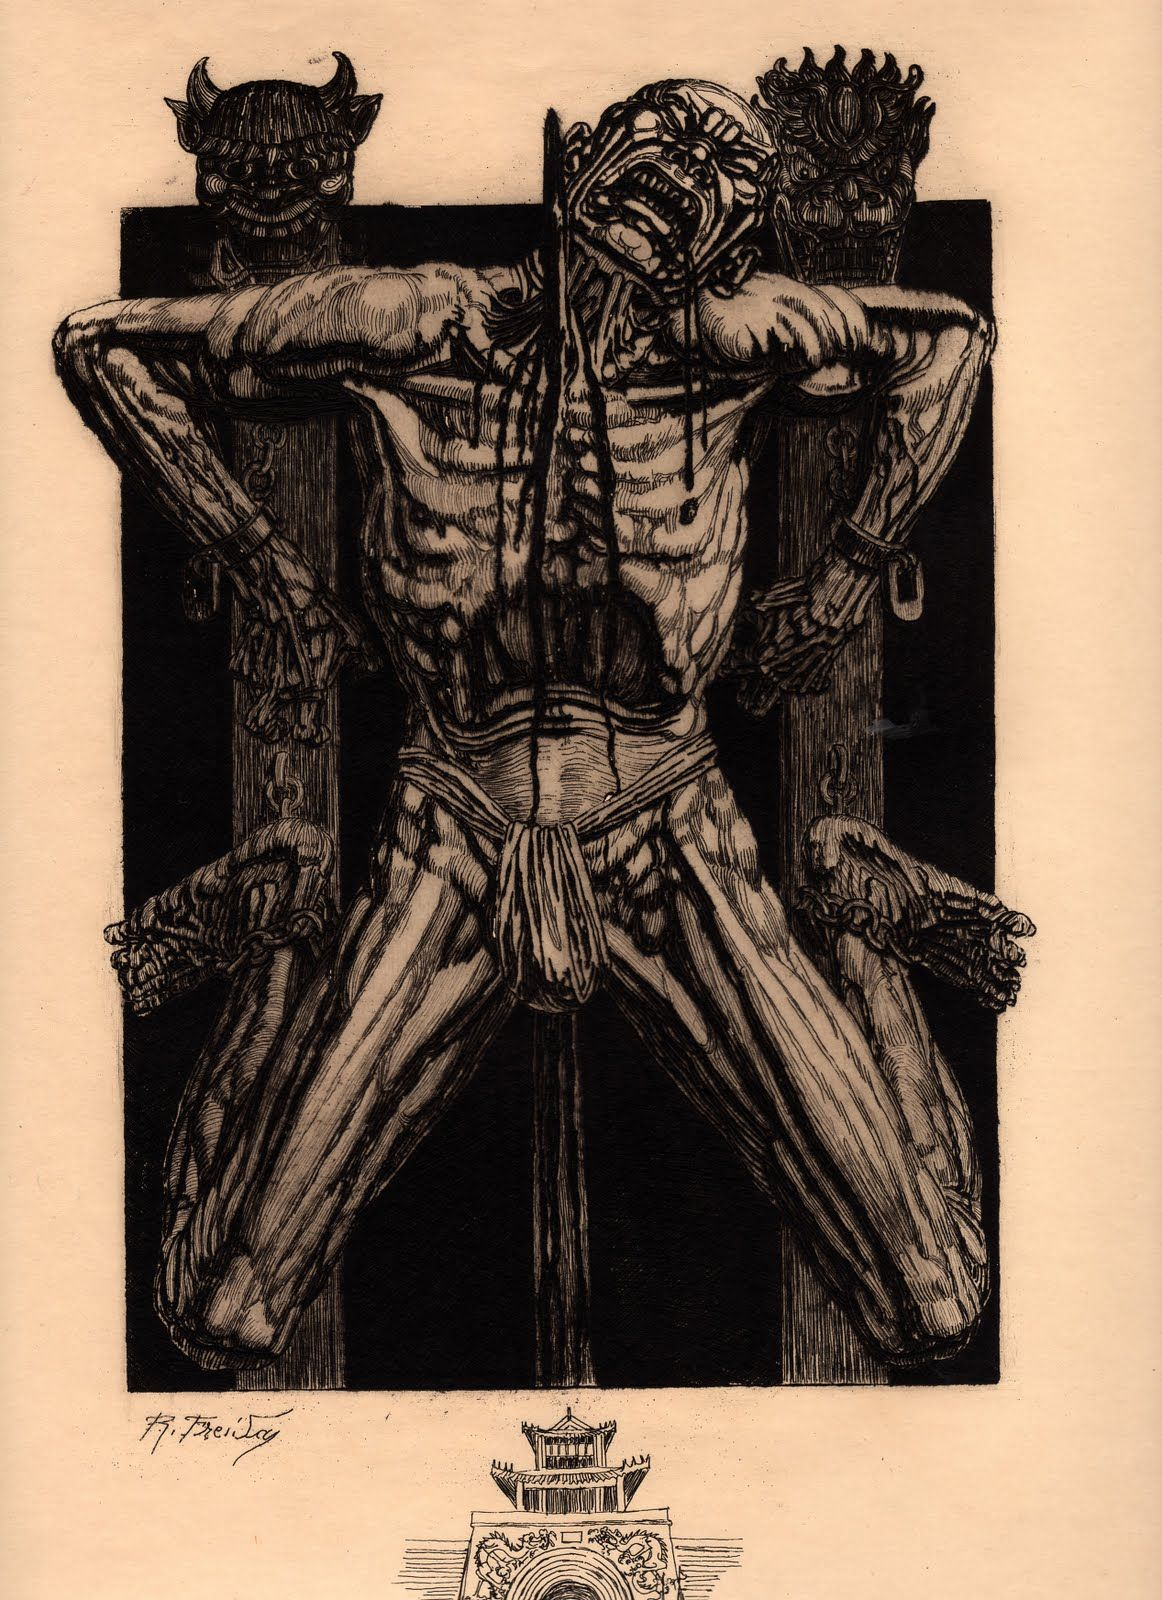 Le jardin des supplices d 39 octave mirbeau illustr par - Octave mirbeau le jardin des supplices ...